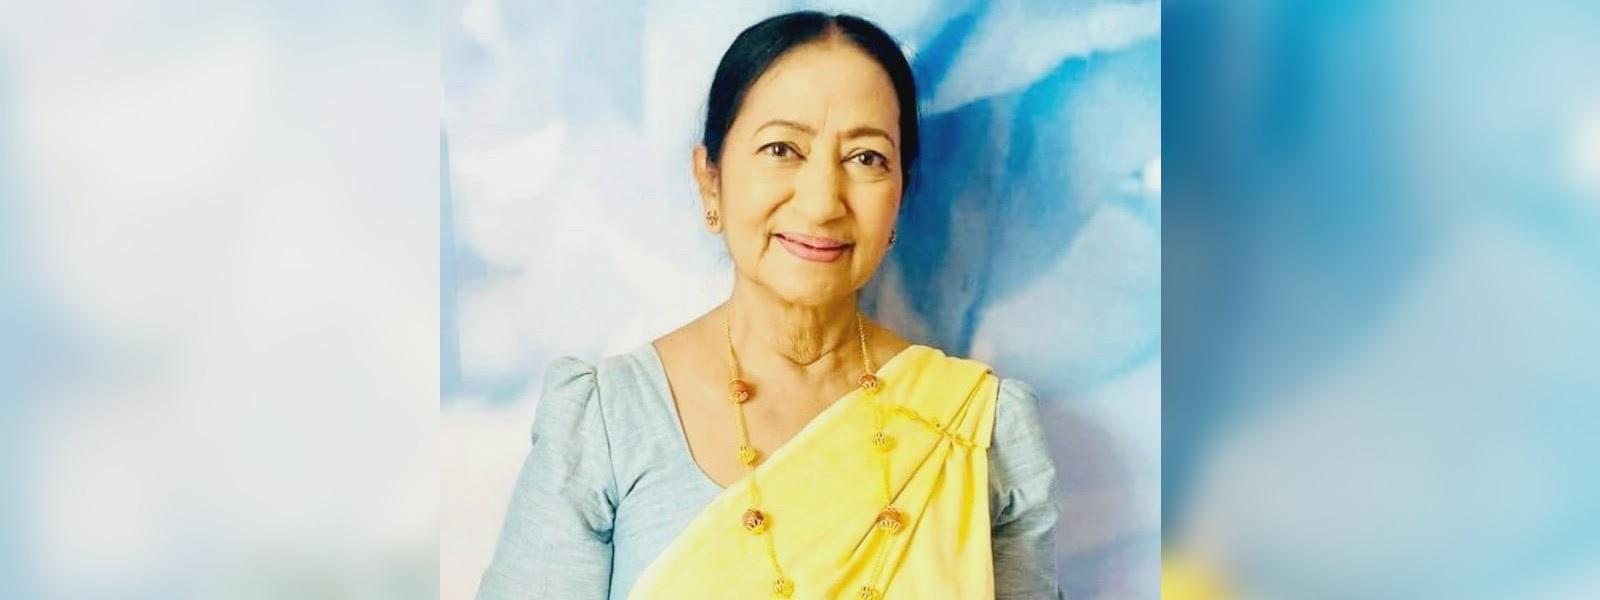 பிரபல நடிகை ஹயசிந்த் விஜேரத்ன விபத்தில் உயிரிழப்பு